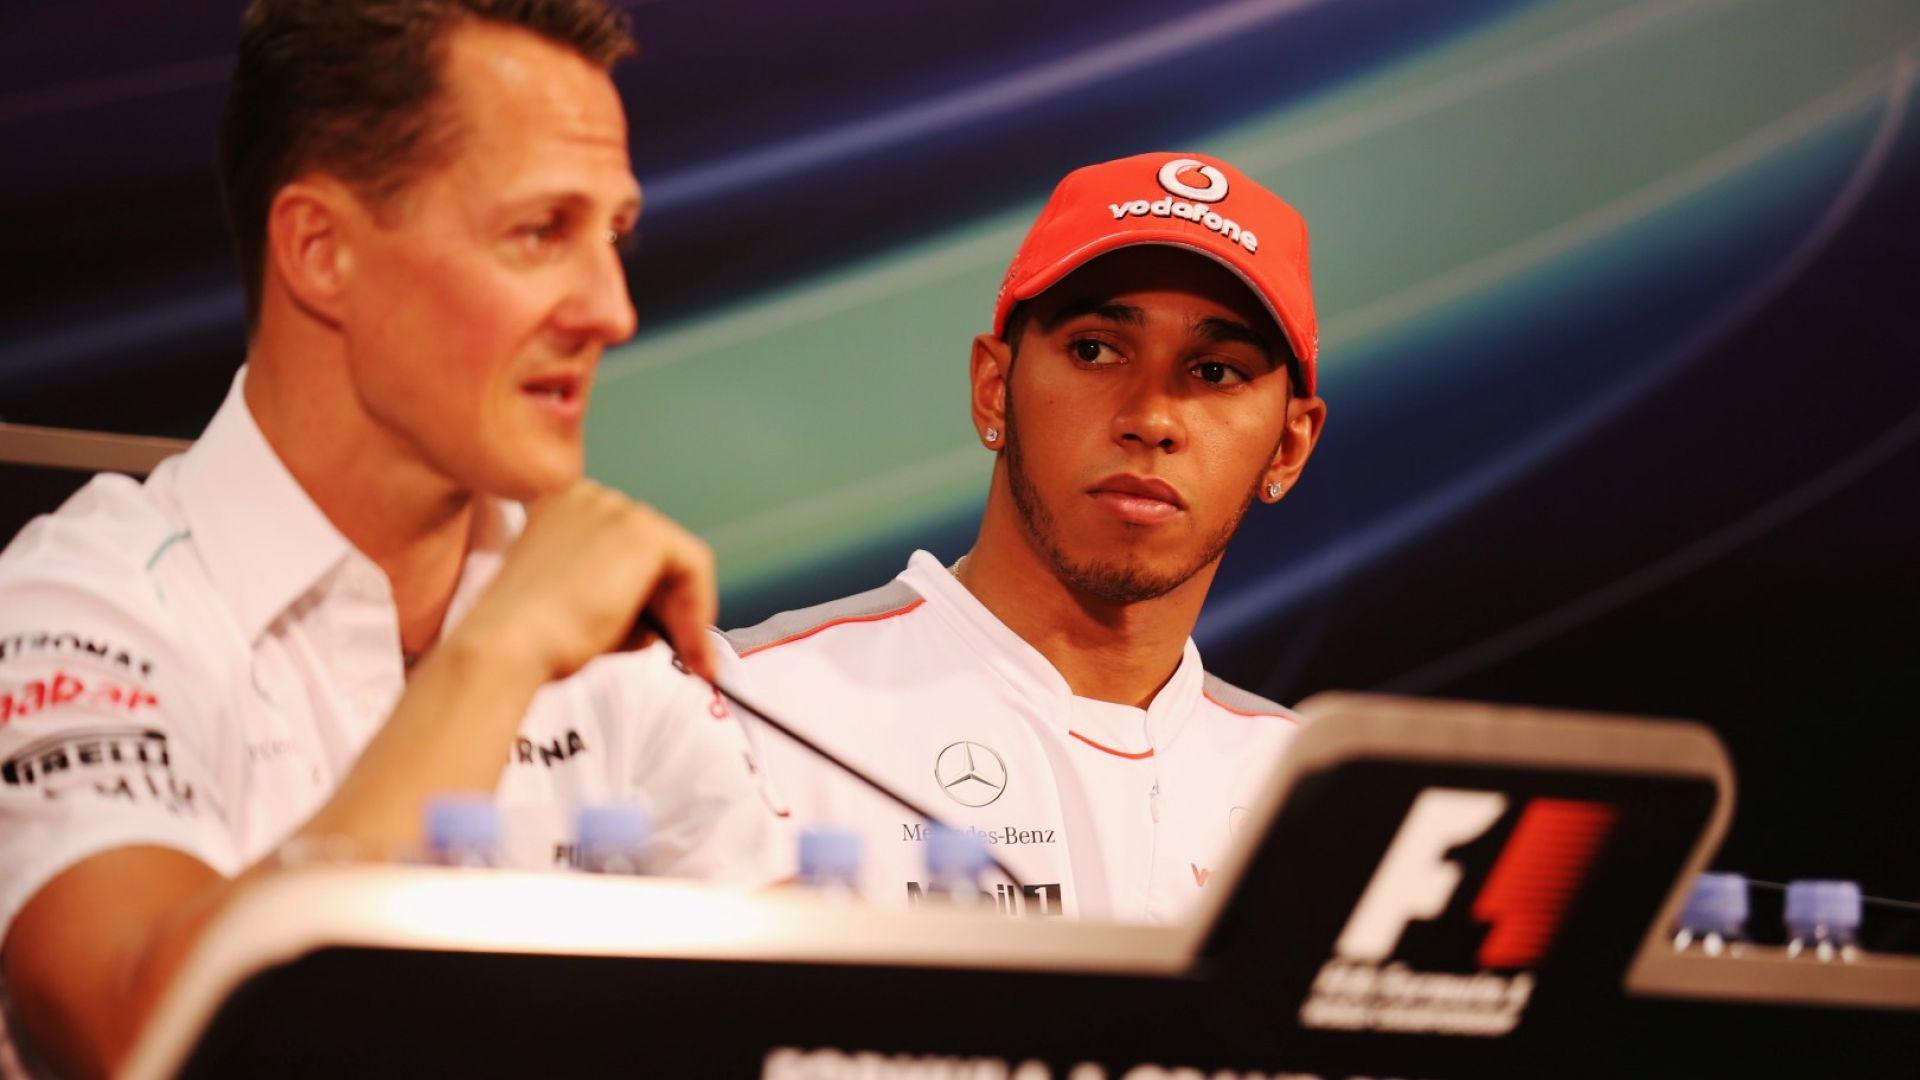 Шефът на Формула 1 направи смело сравнение между Хамилтън и Шумахер